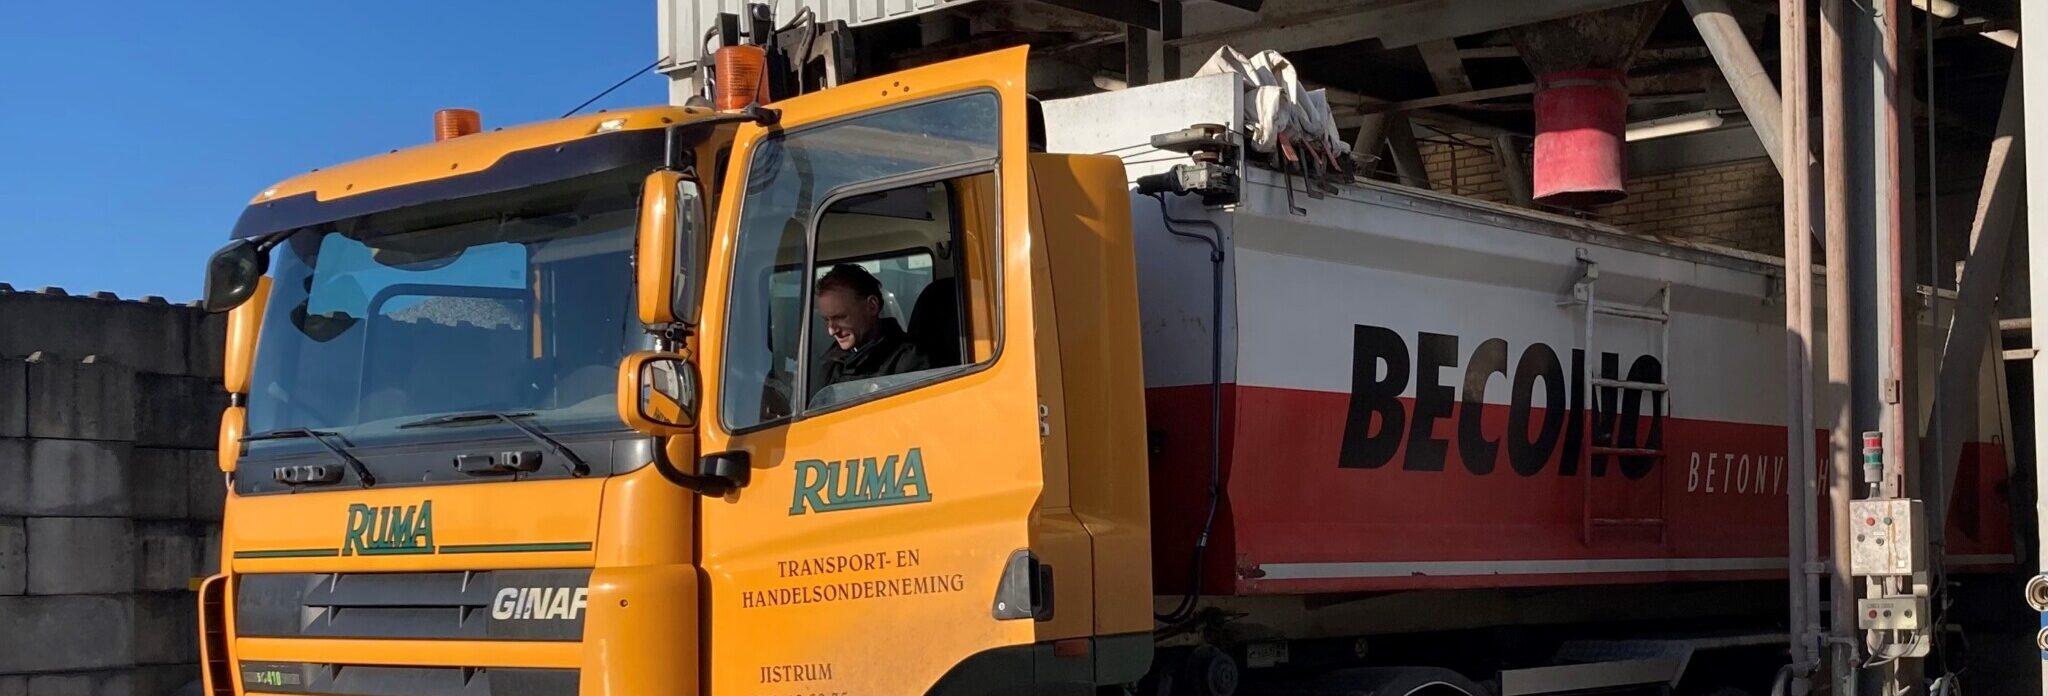 Leicon levert ook wegenbouwbeton